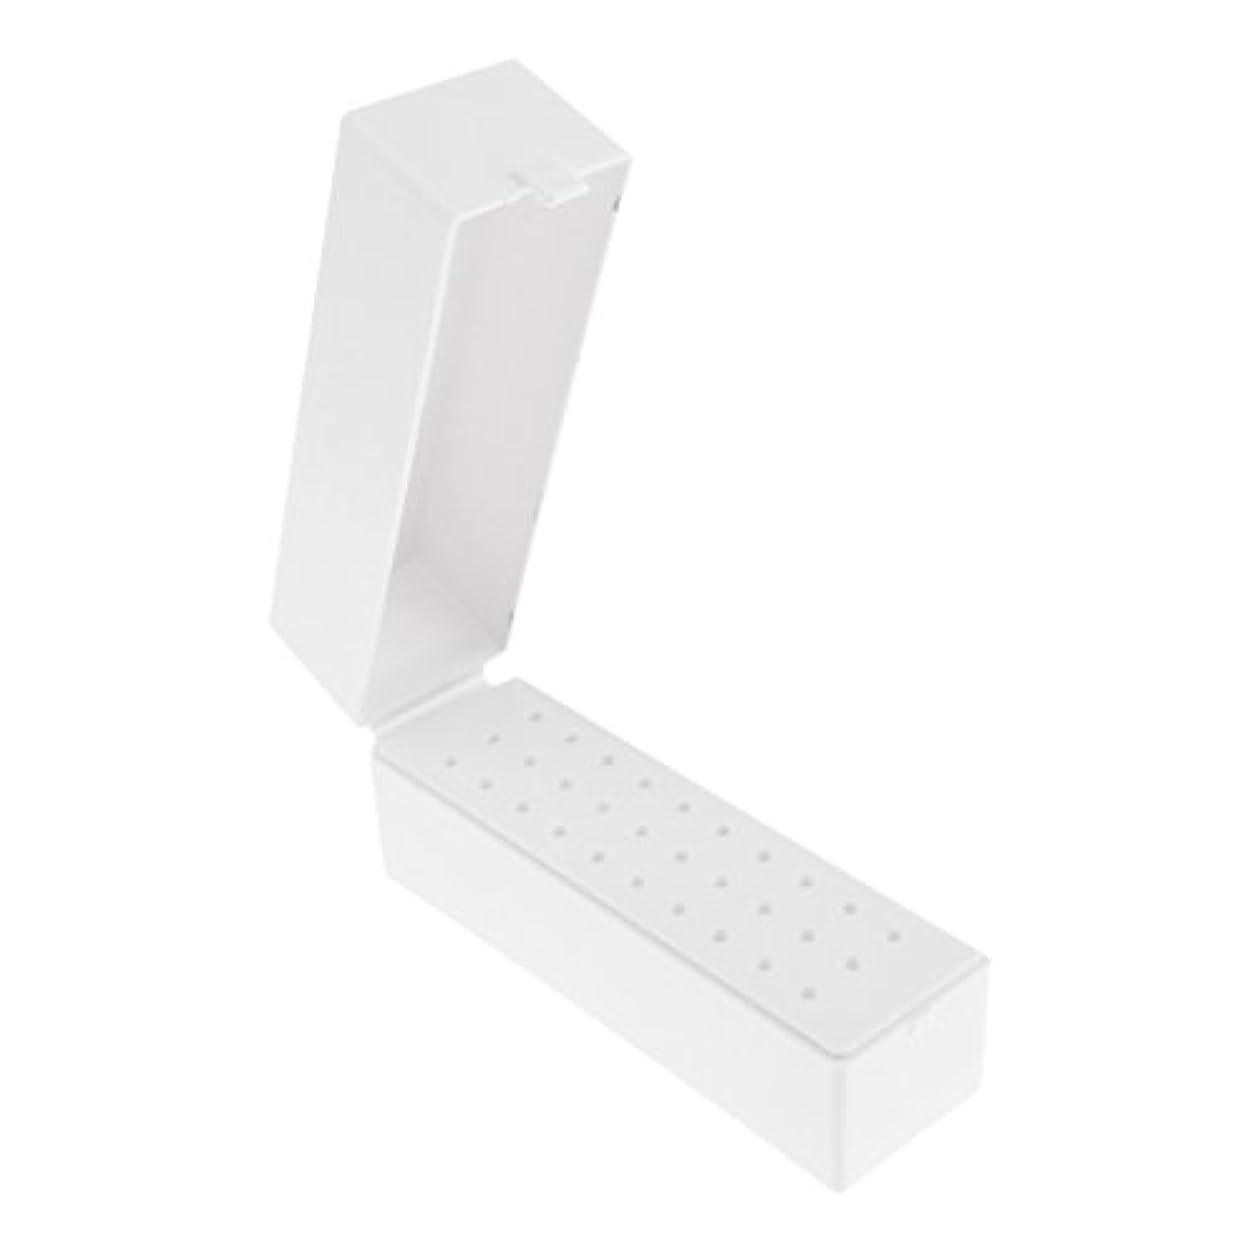 見る思いやりのある原始的な30穴プラスチックネイルアートツールボックスネイルドリルビットホルダー防塵スタンド収納オーガナイザー